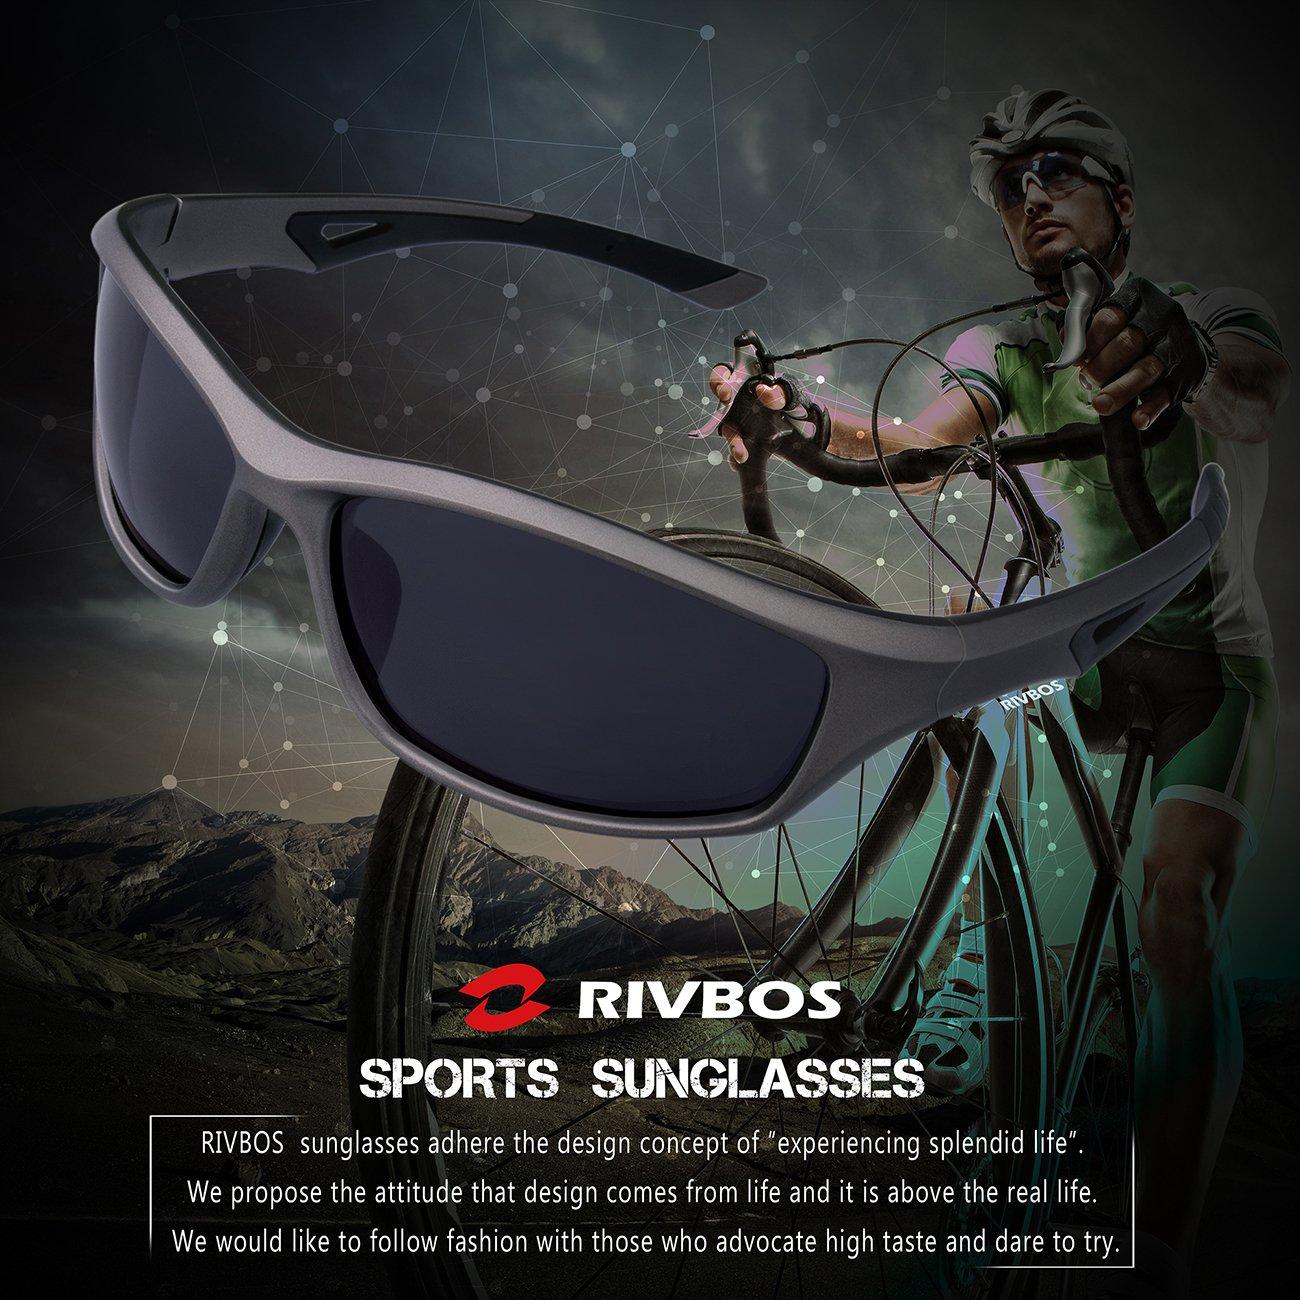 RIVBOS RBS942 unettes de Soleil Sports Vélo VTT Polarisées Unisexe Sport avec Verres Incassables UV400 Polarisé Hommes Femmes Cyclisme Baseball Course à Pied Ski Entraînement Sportif Golf Noir&noir 7ojYa